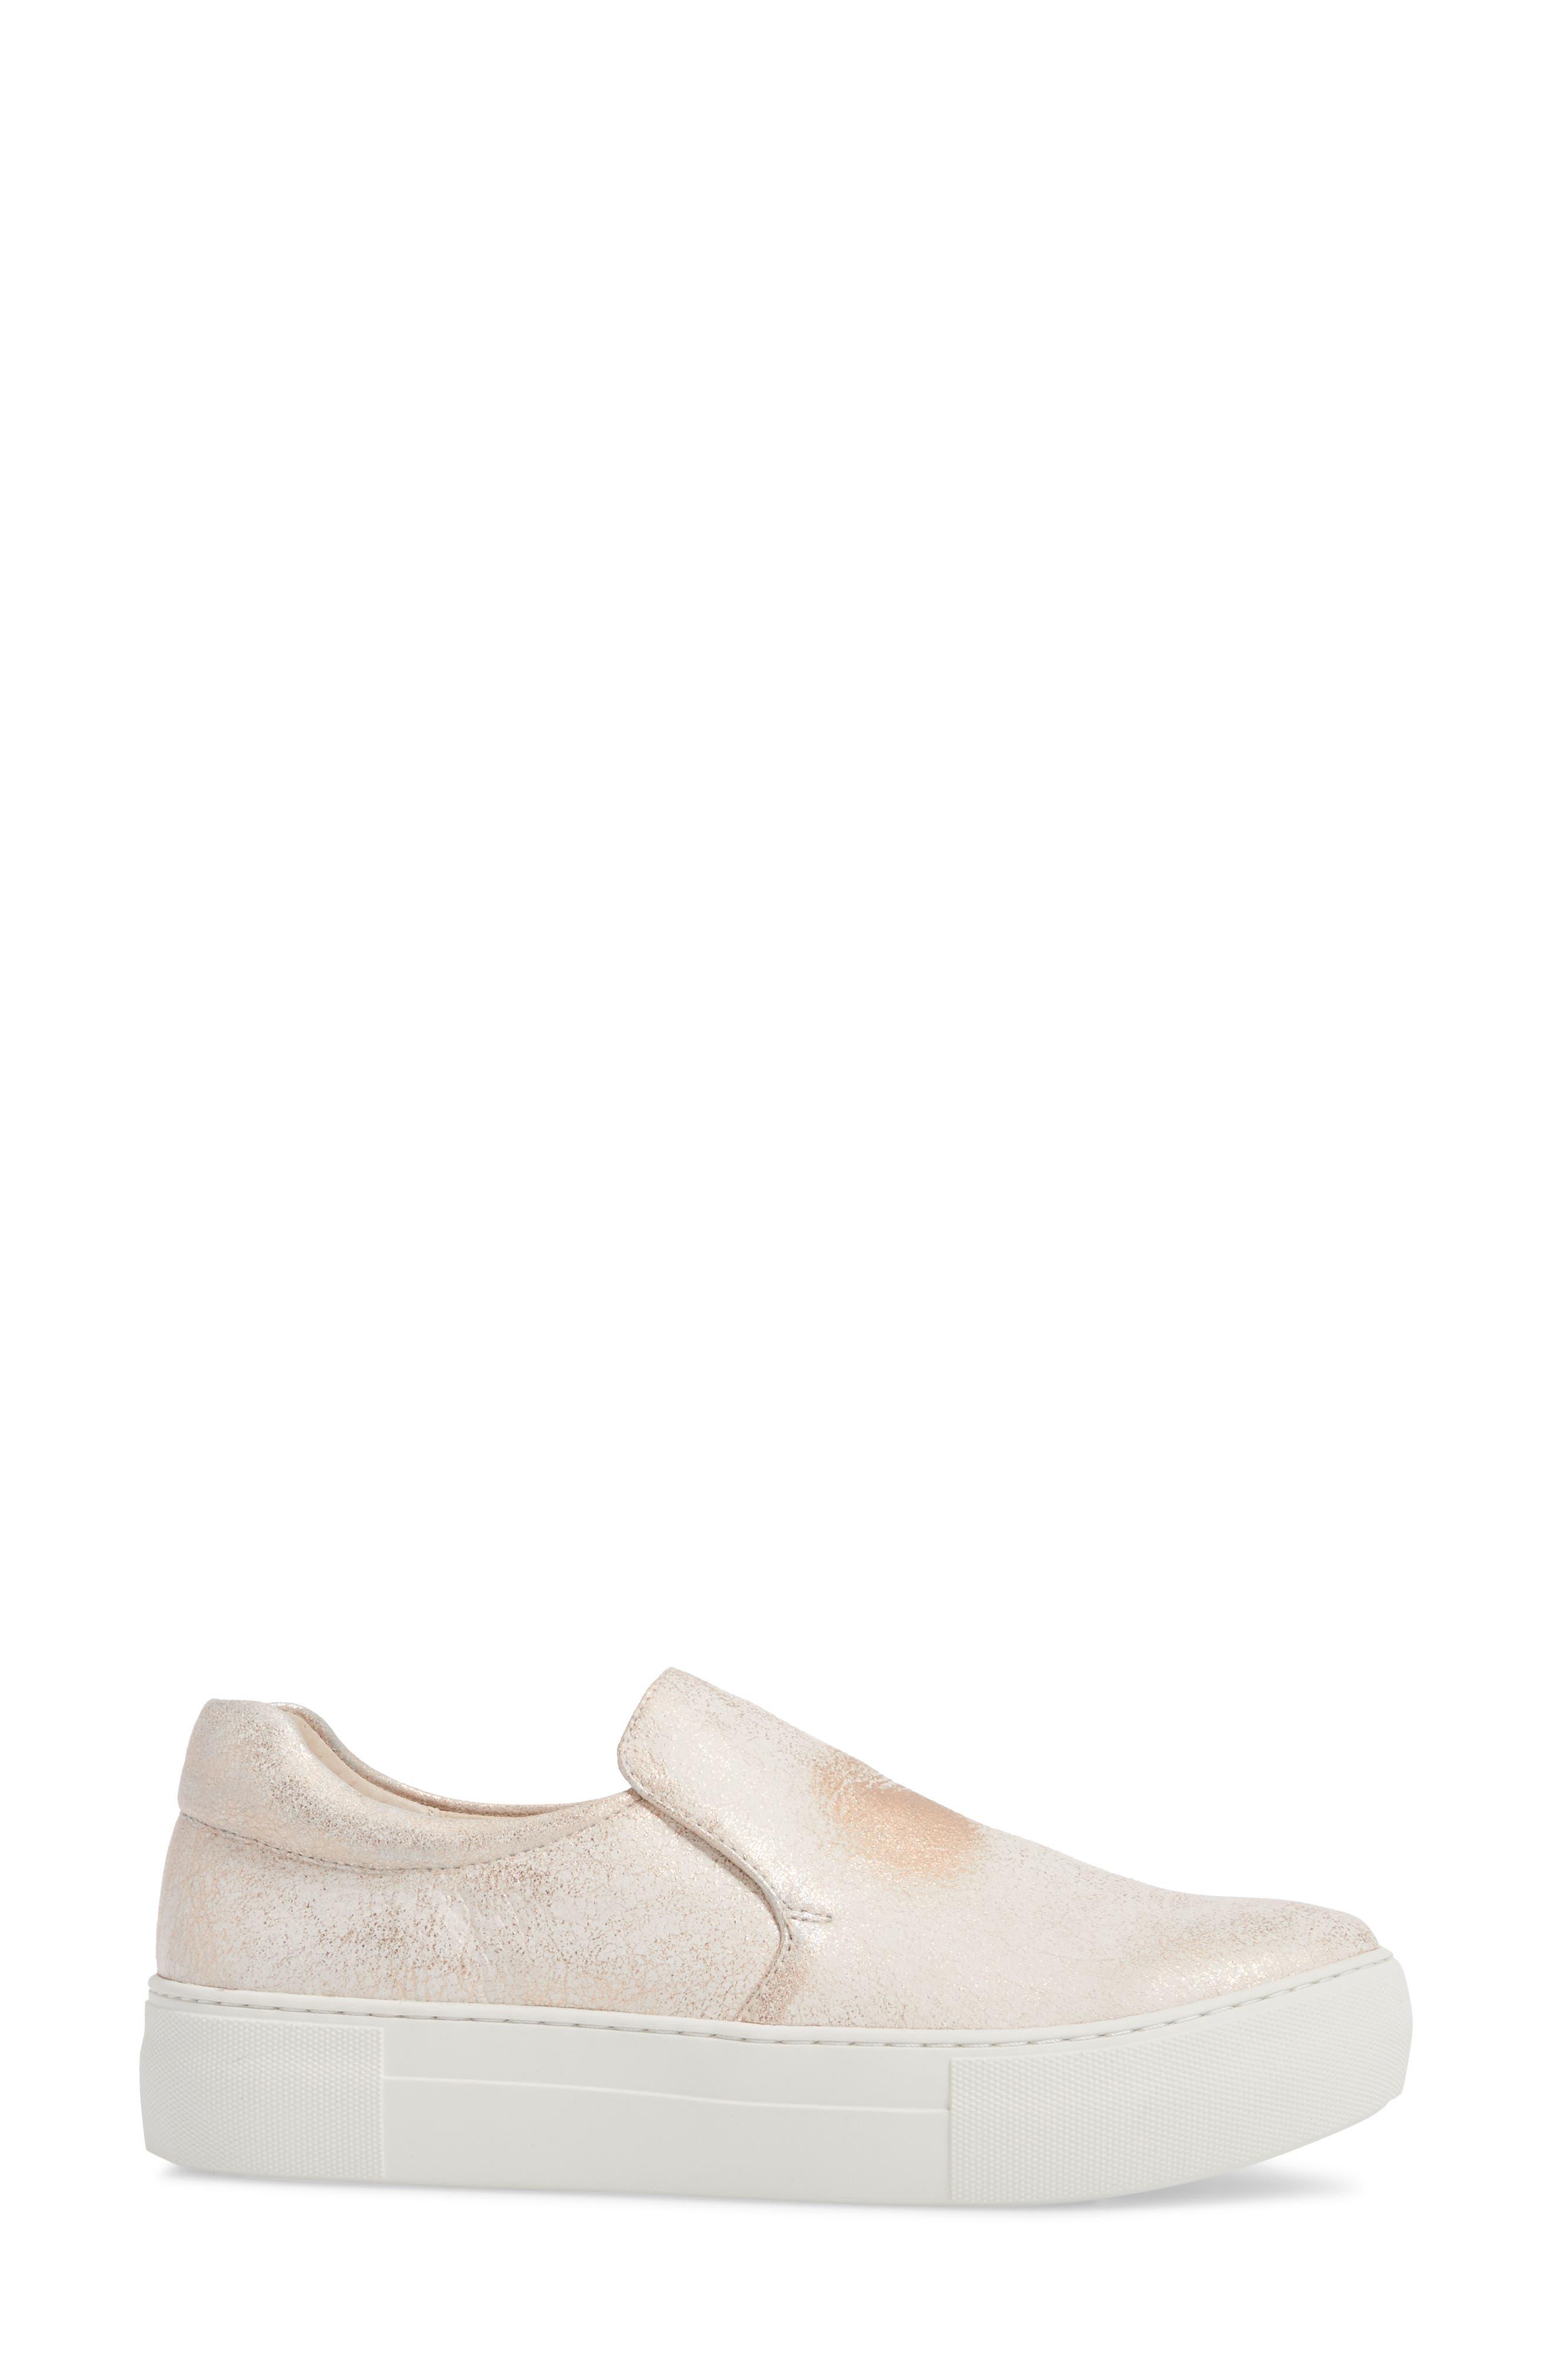 Alternate Image 3  - JSlides Acer Slip-On Sneaker (Women)